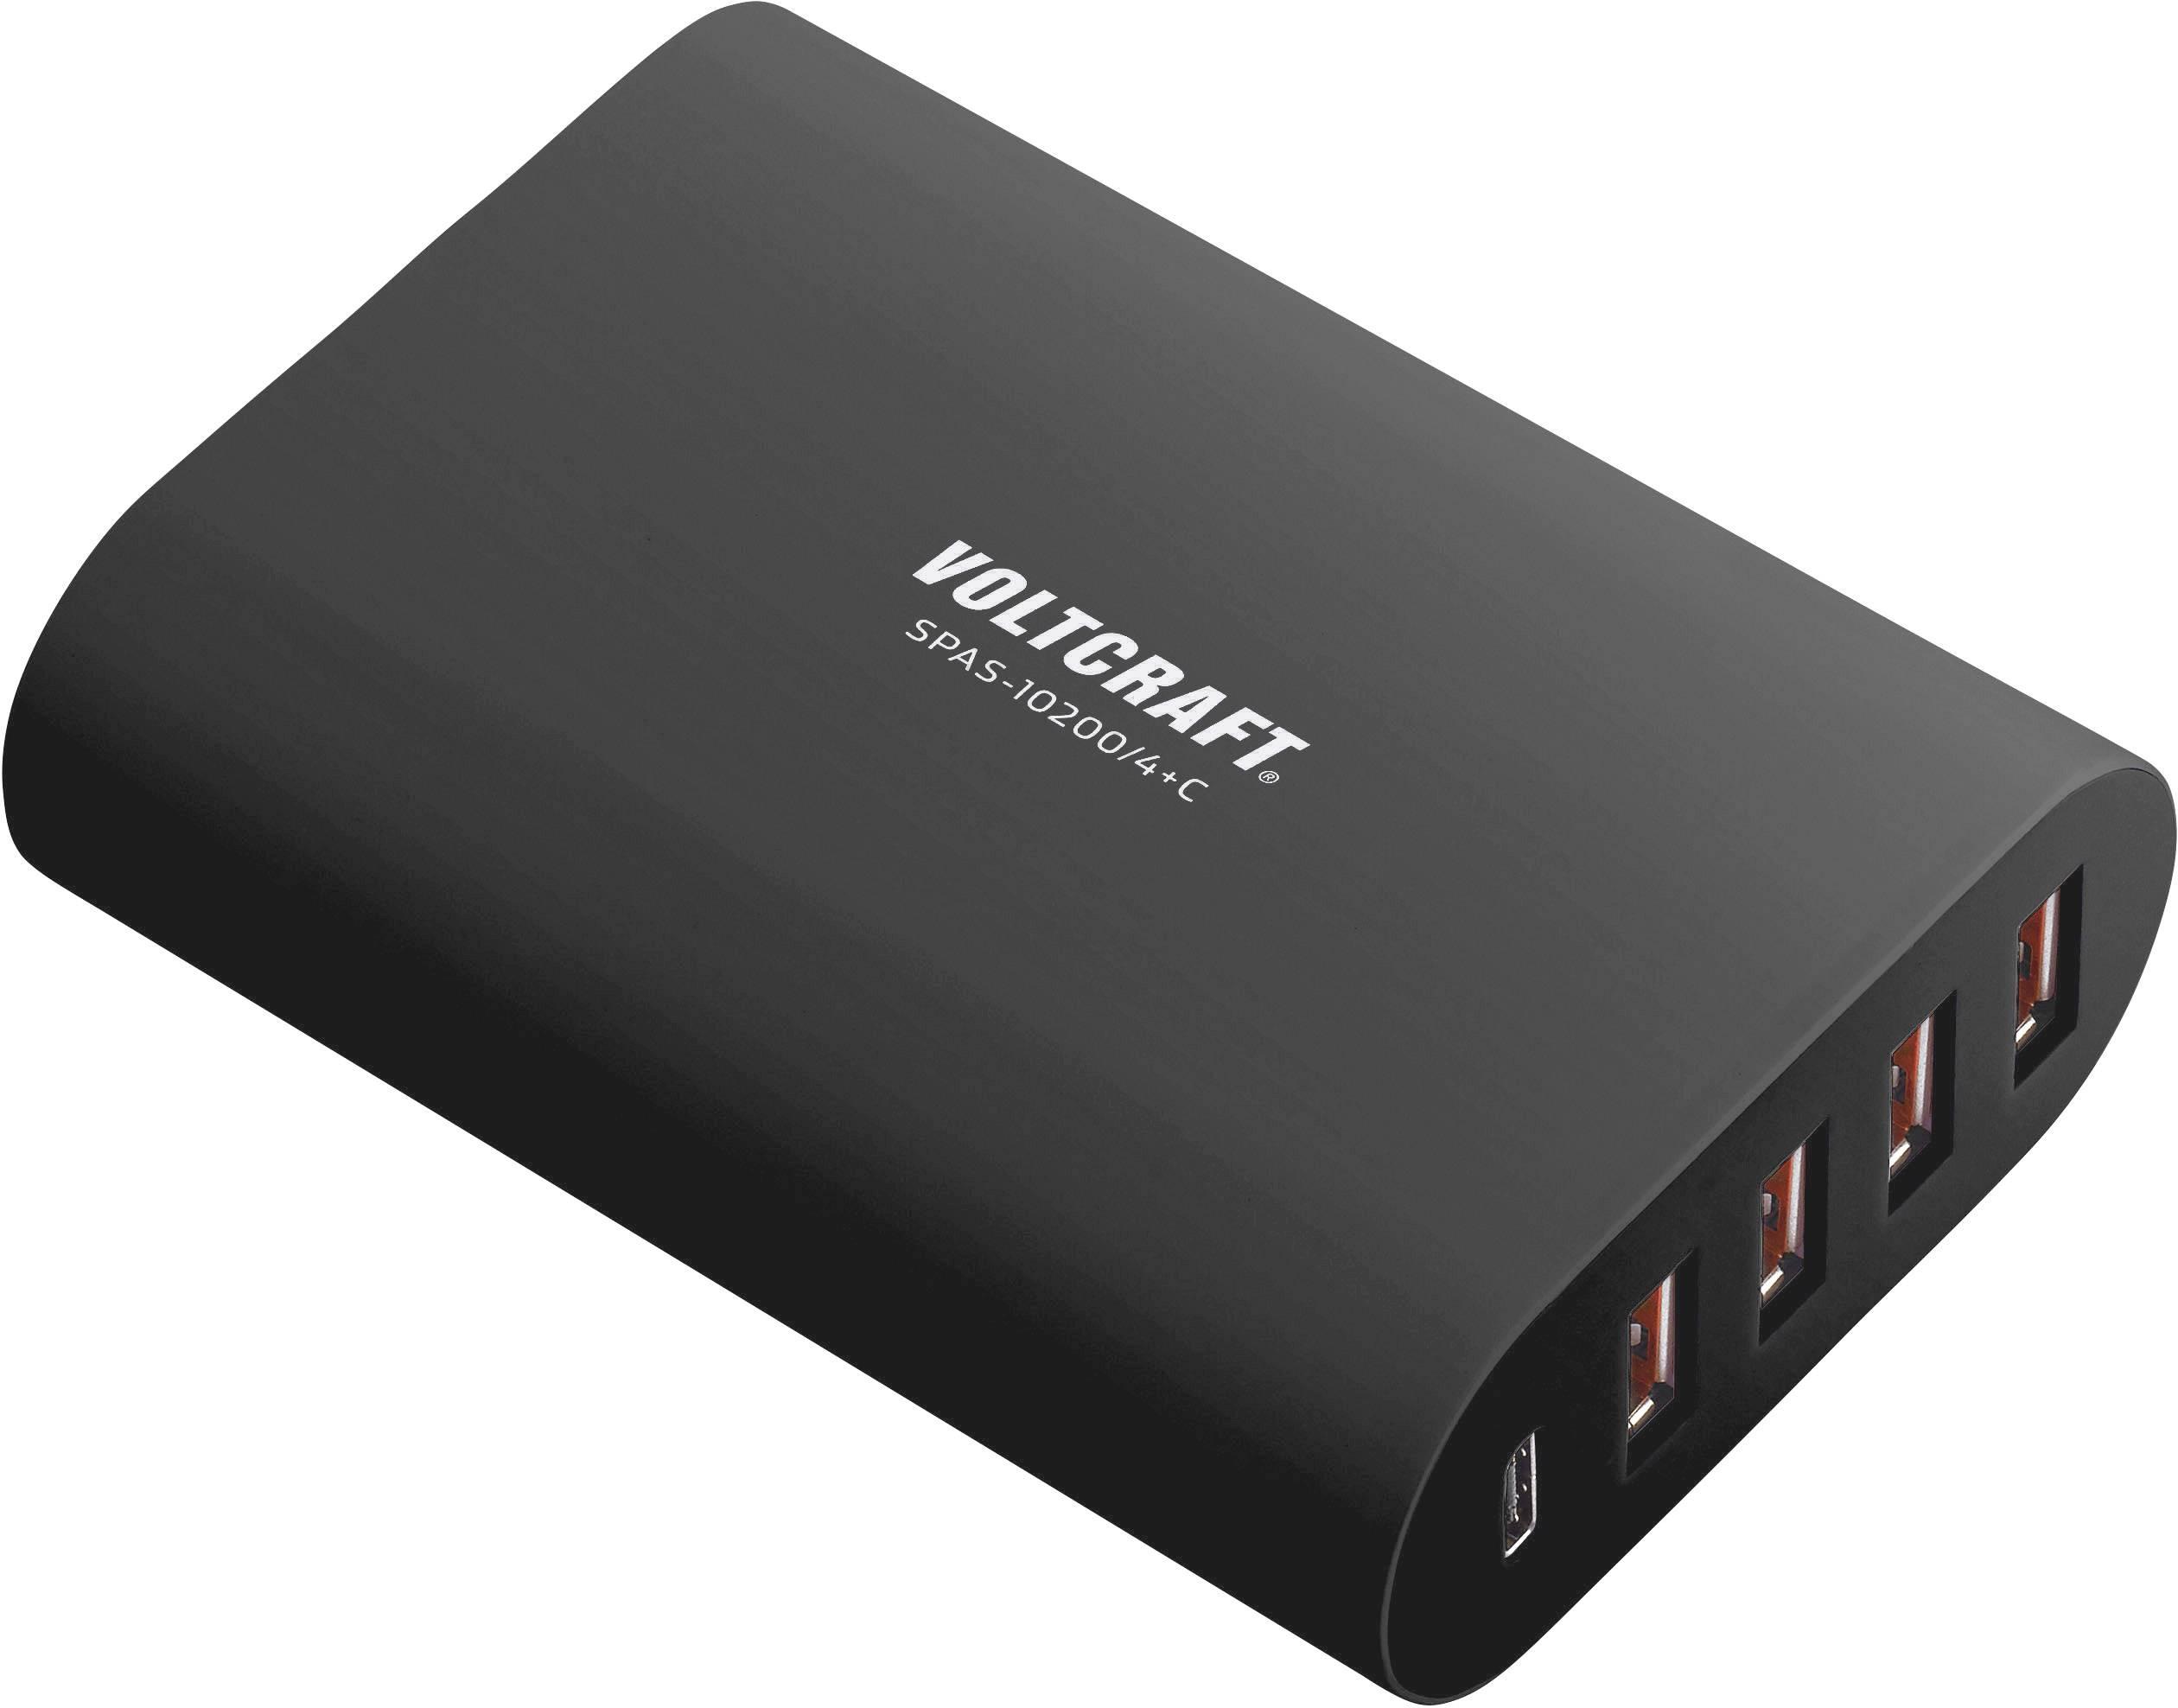 Superrychlá USB nabíječka pro 5 zařízení VOLTCRAFT SPAS-10200/4+C, 10200 mA, černá